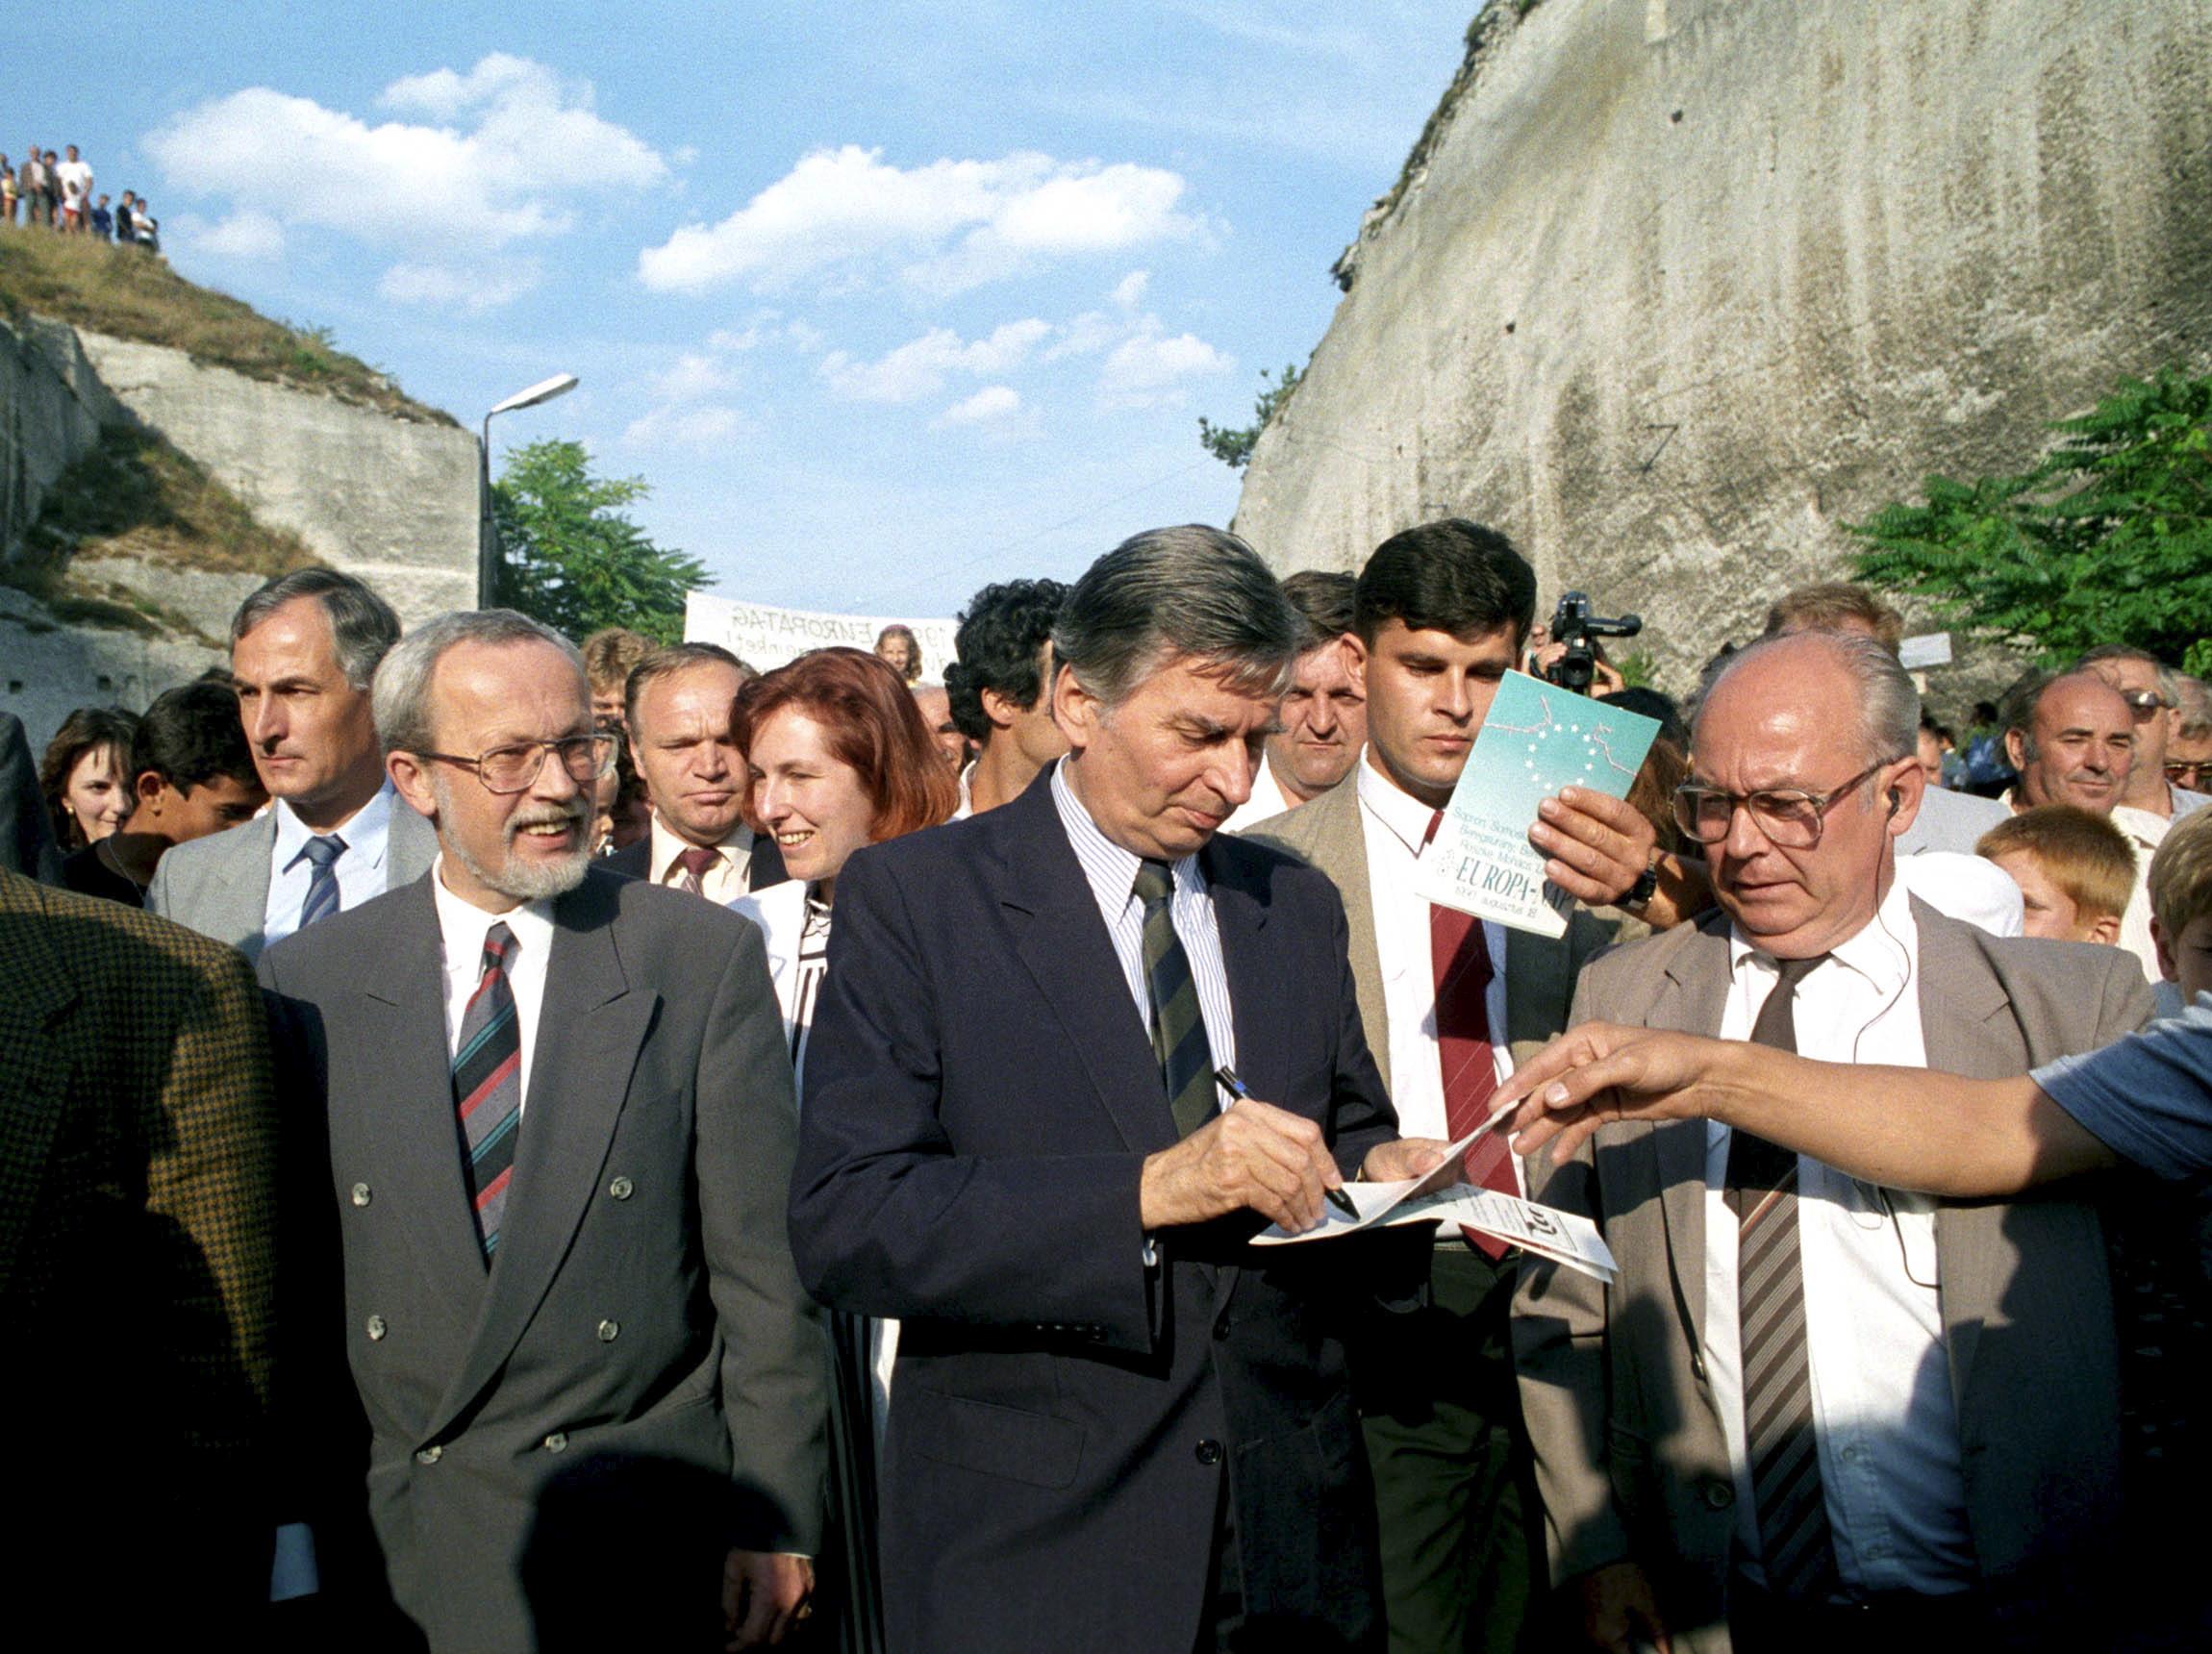 Antall József miniszterelnök (k) autogramot oszt az Európa-nap elnevezésû rendezvényen Fertőrákoson / Fotó: MTI